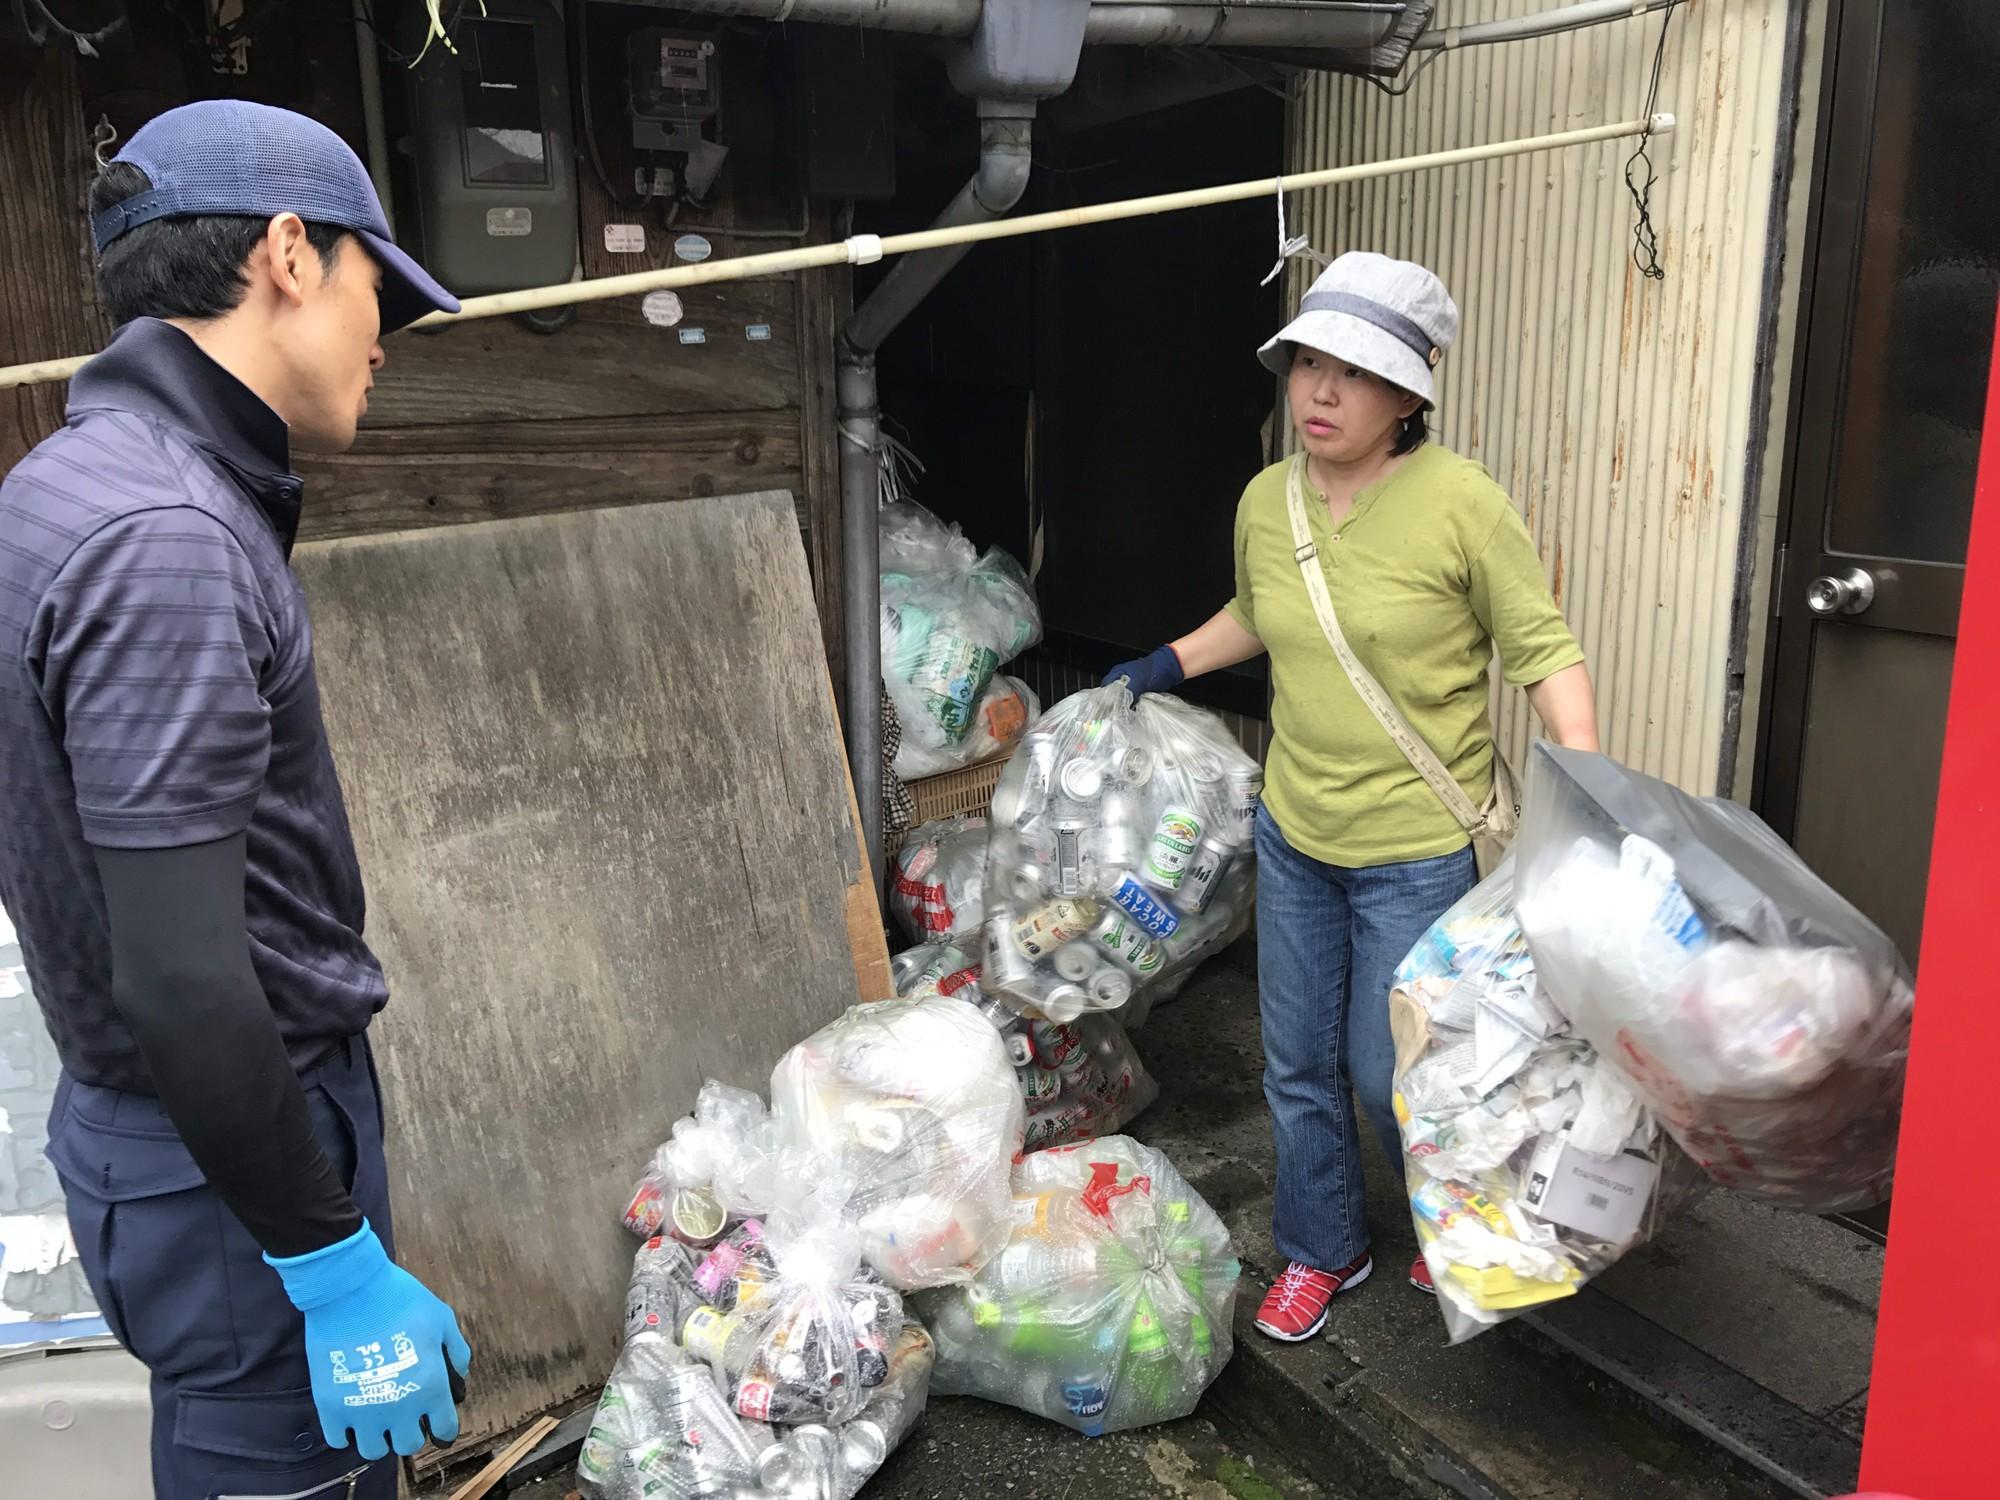 kamikatsu - photo 1 1562648823744614856445 - Giải mã bí mật thị trấn không rác thải đầu tiên trên thế giới